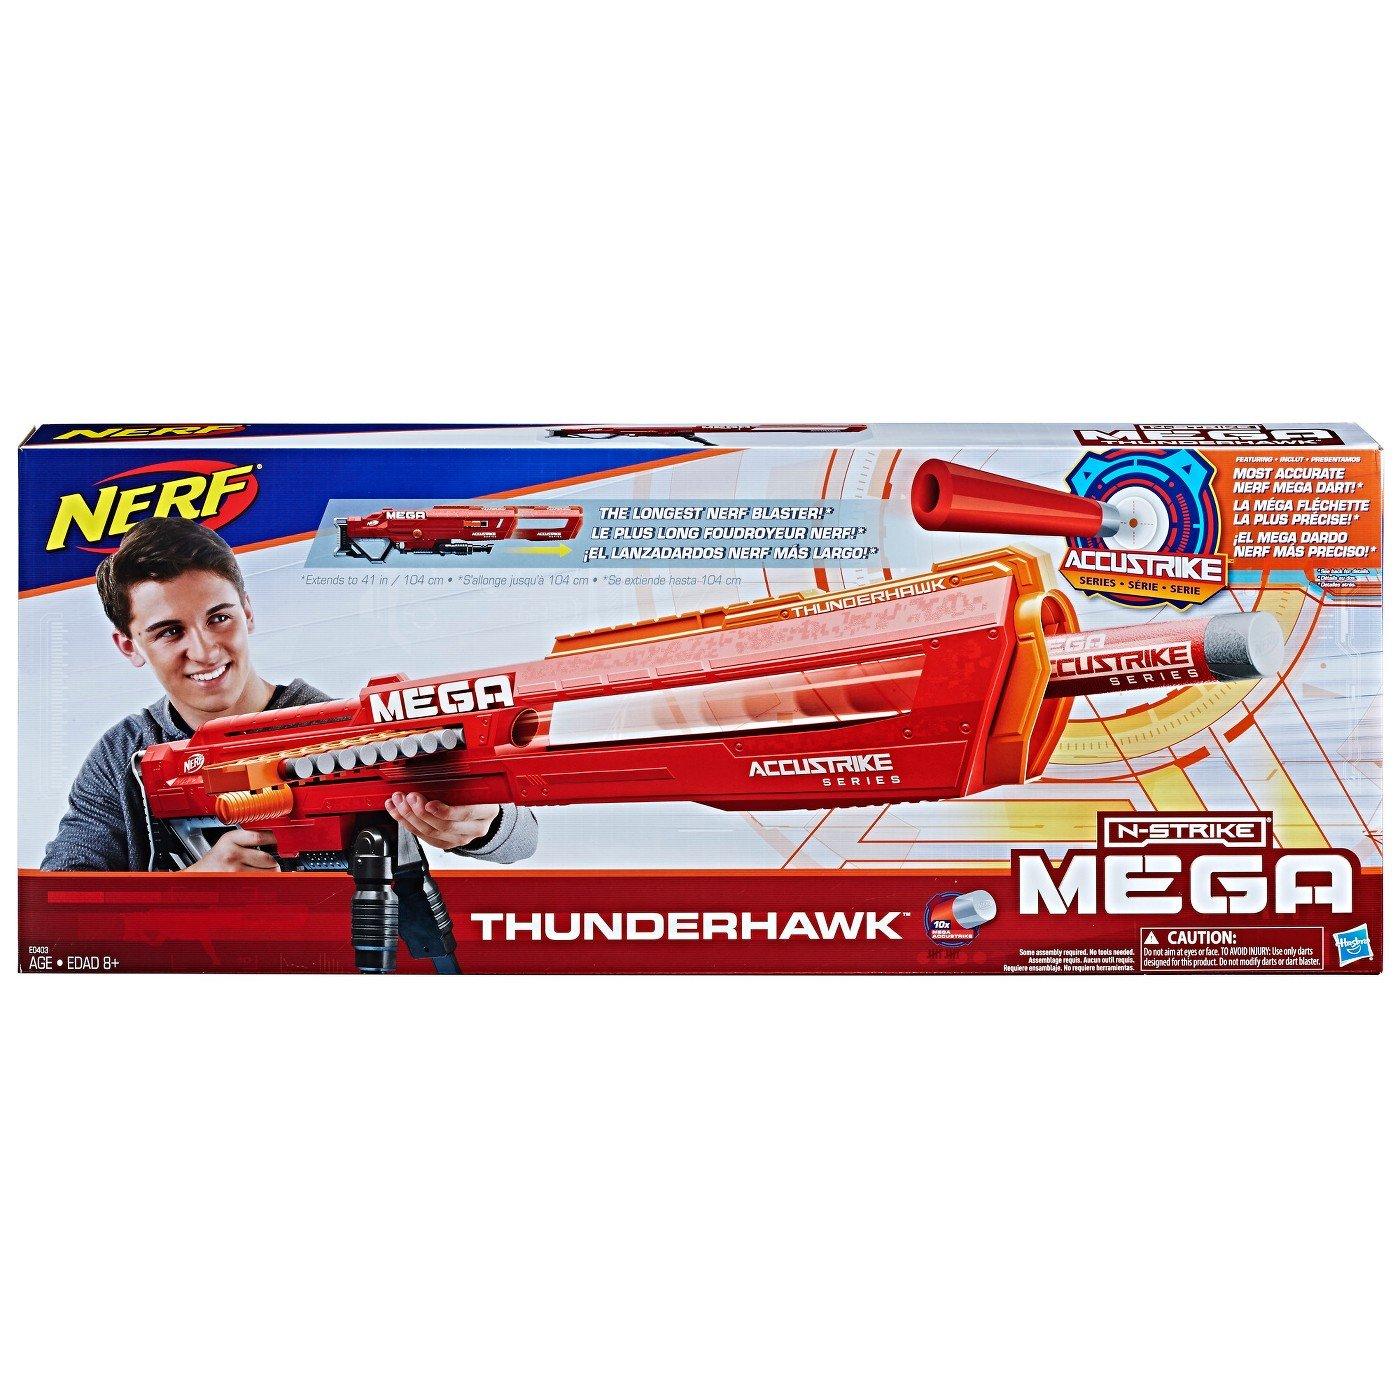 NERF Mega Thunderhawk Blaster メガサンダーホークブラスター [並行輸入品] B07FNC2QDH